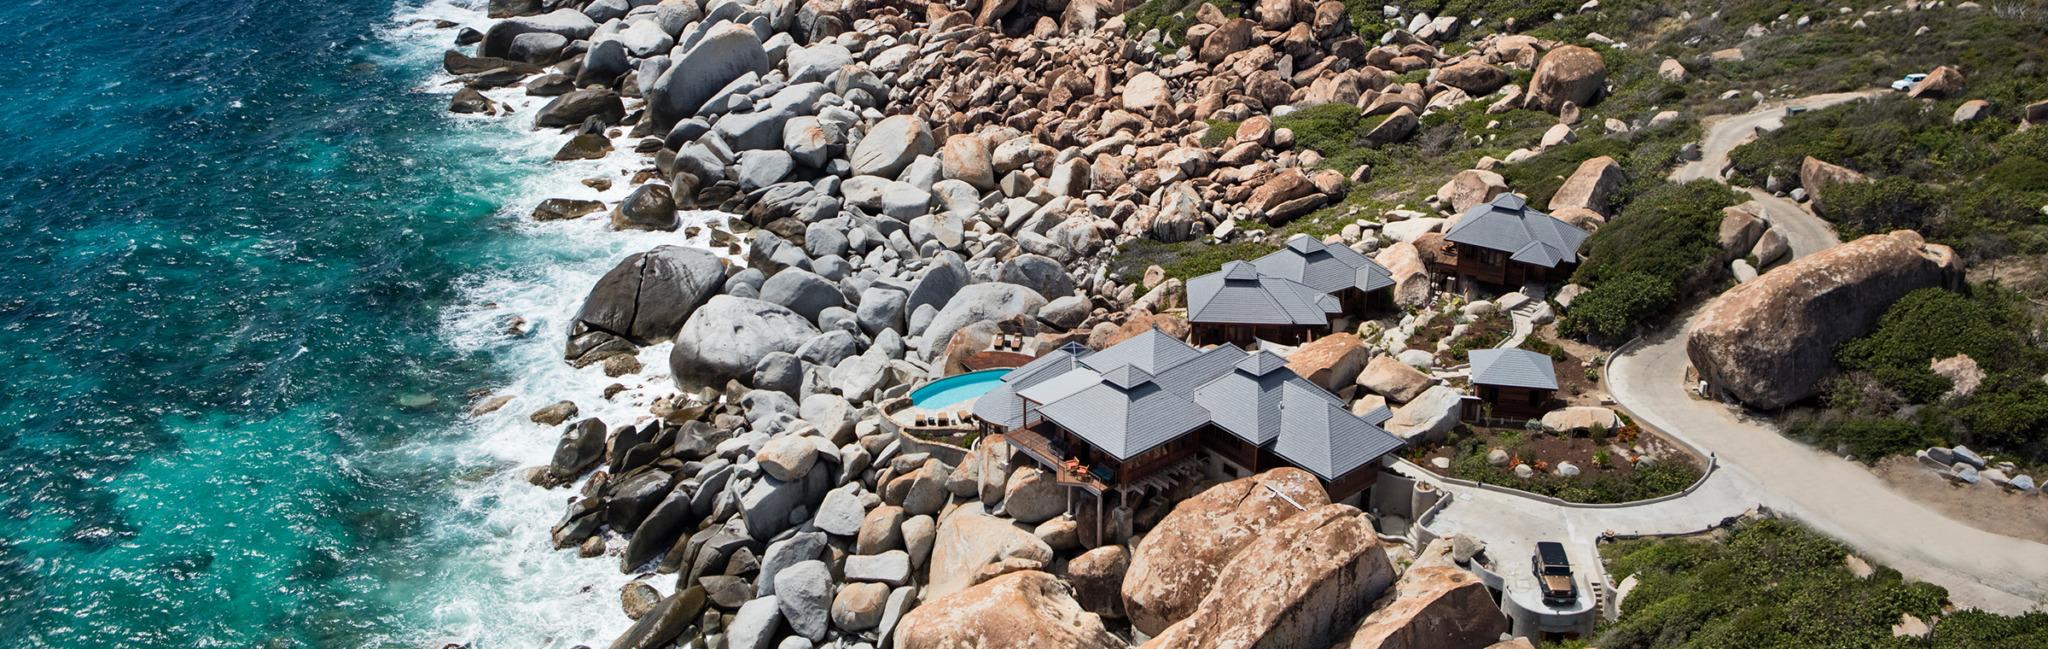 arial view of the batu villas on the beach